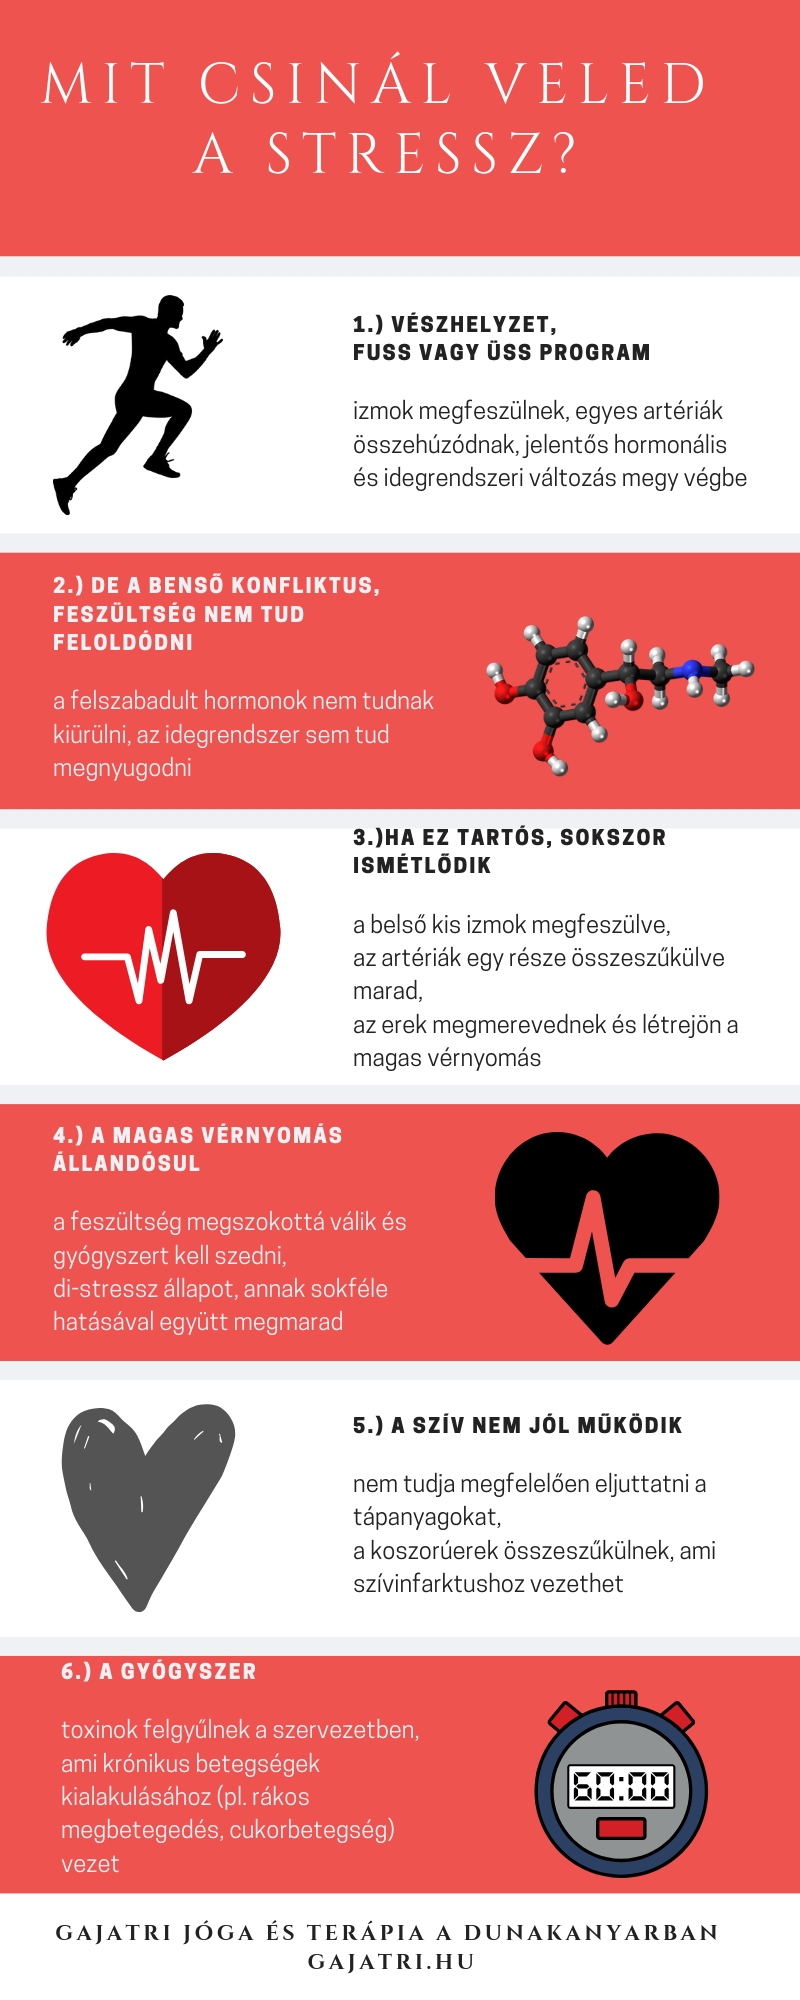 magas vérnyomás és emberi tudat málna fogyasztható magas vérnyomás esetén